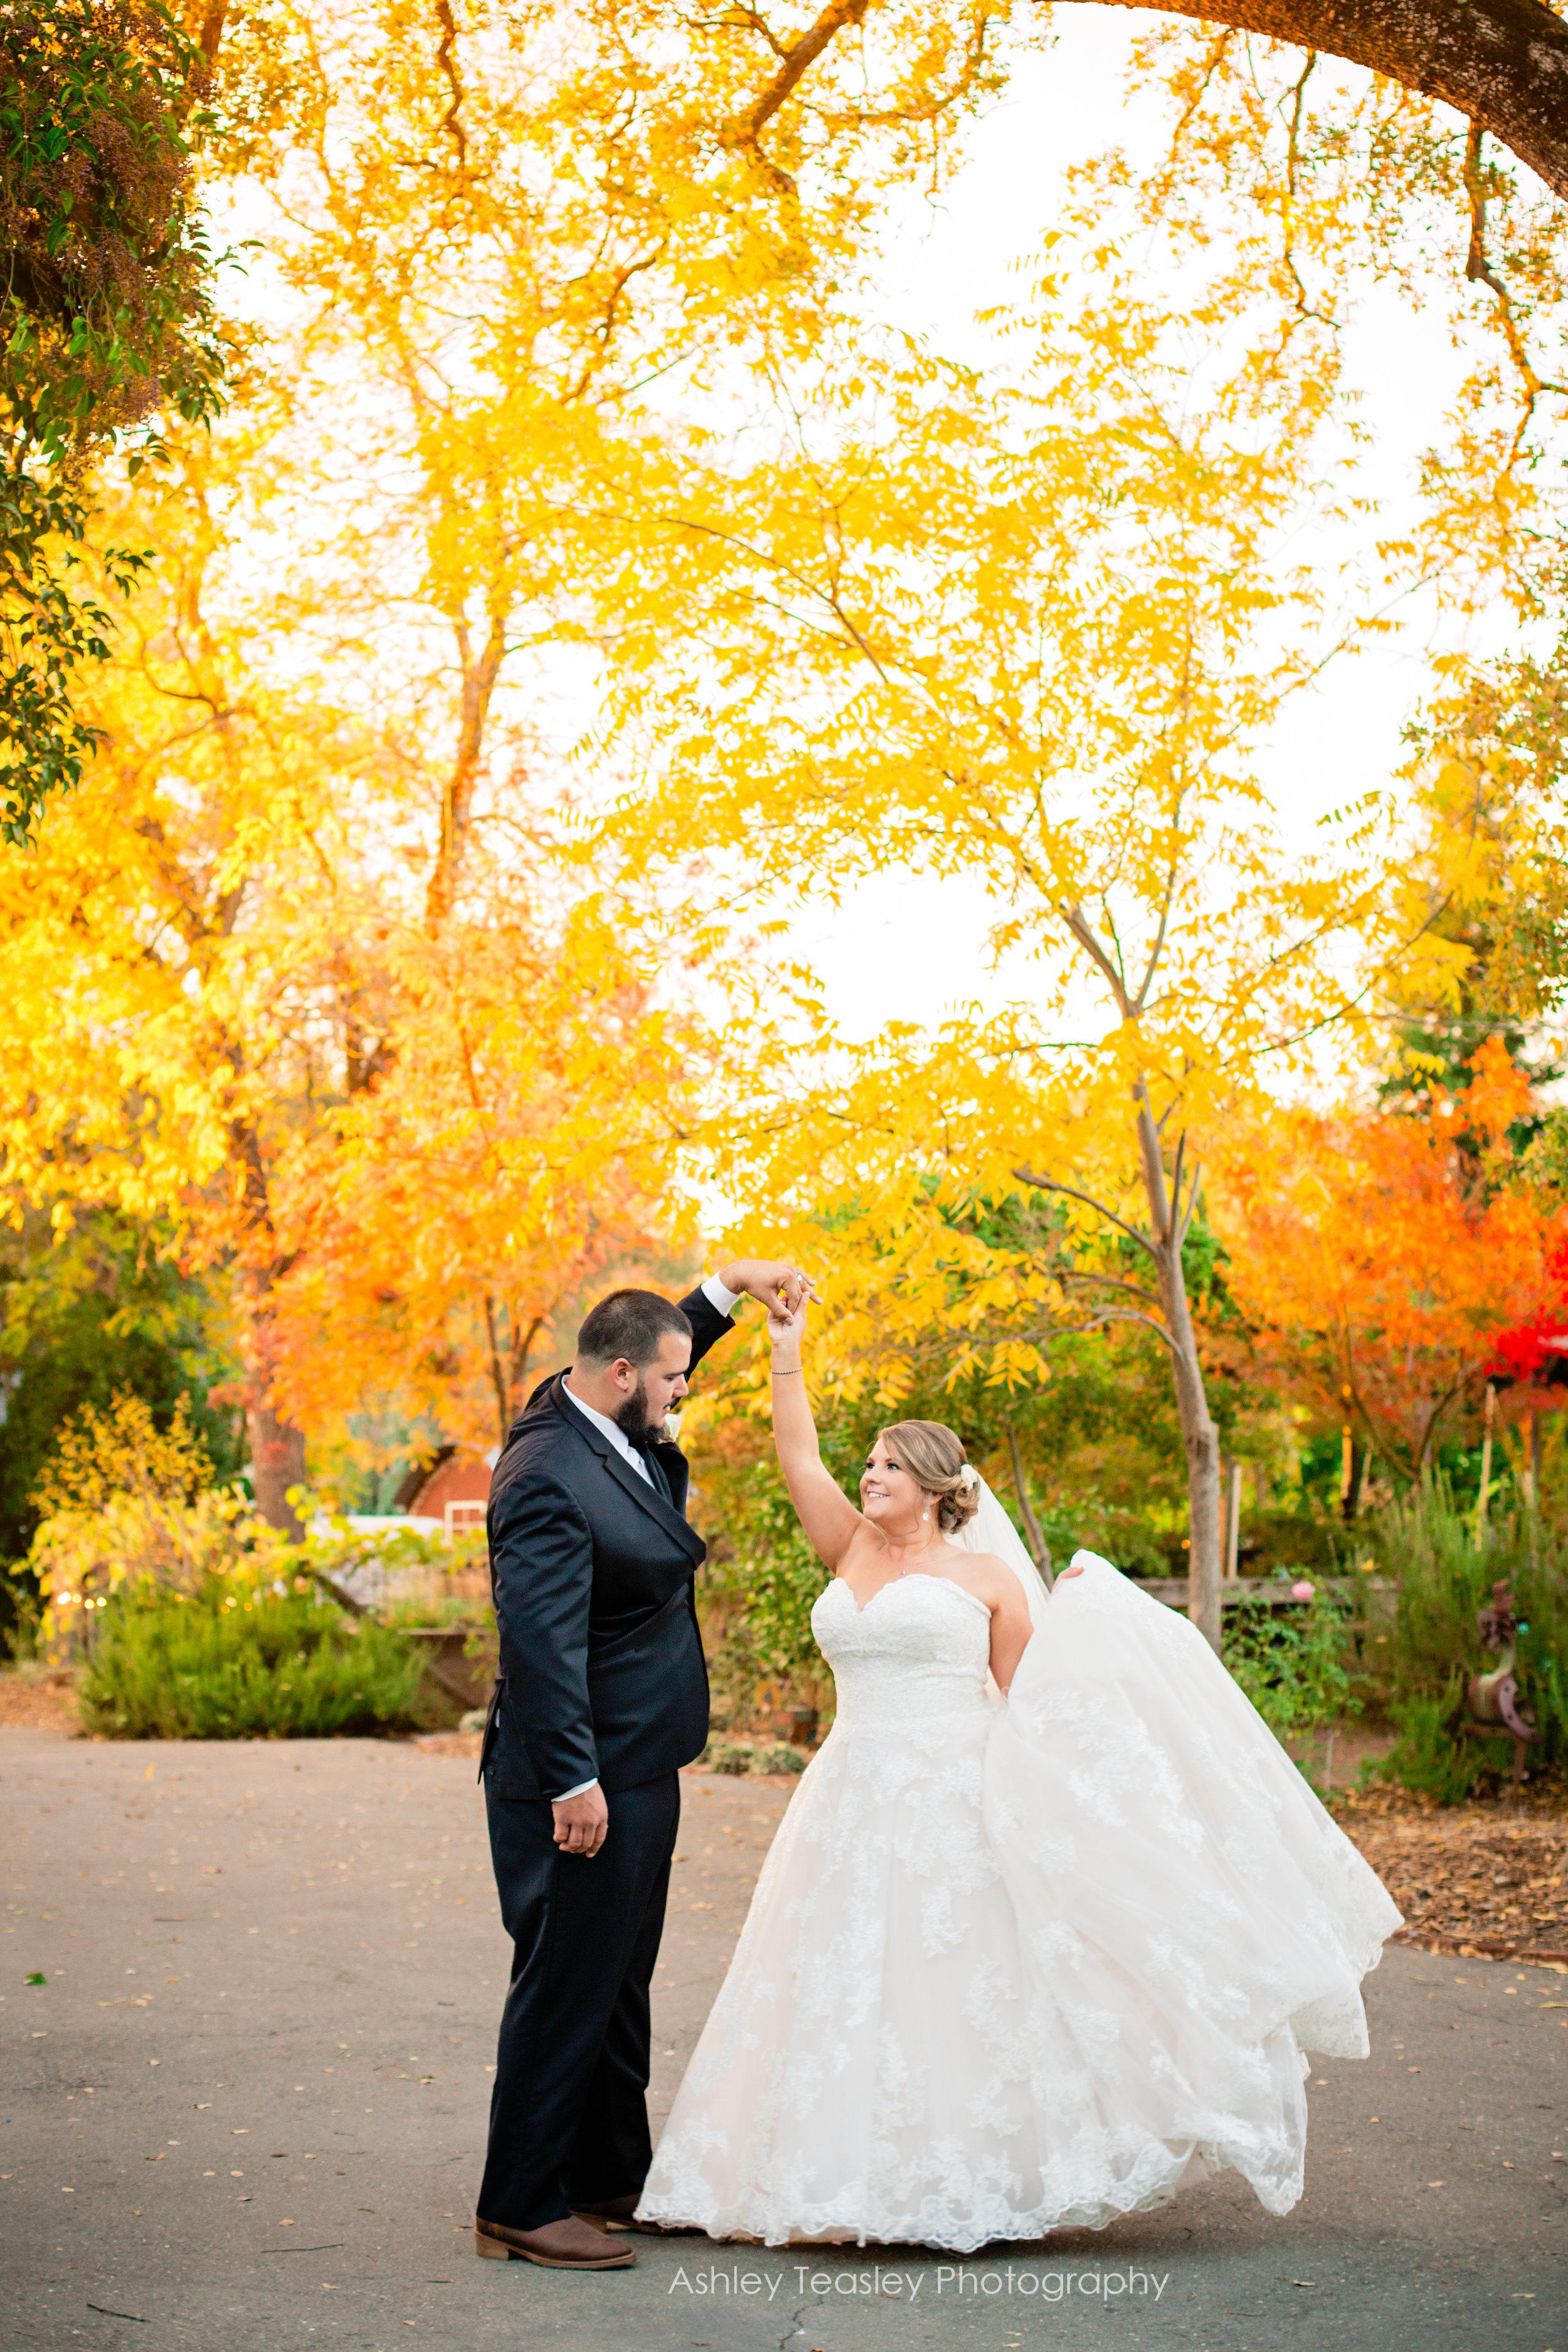 Casey & Brandon - The Flower Farm Inn - Sacramento Wedding Photographer - Ashley Teasley Photography  (5 of 5).JPG